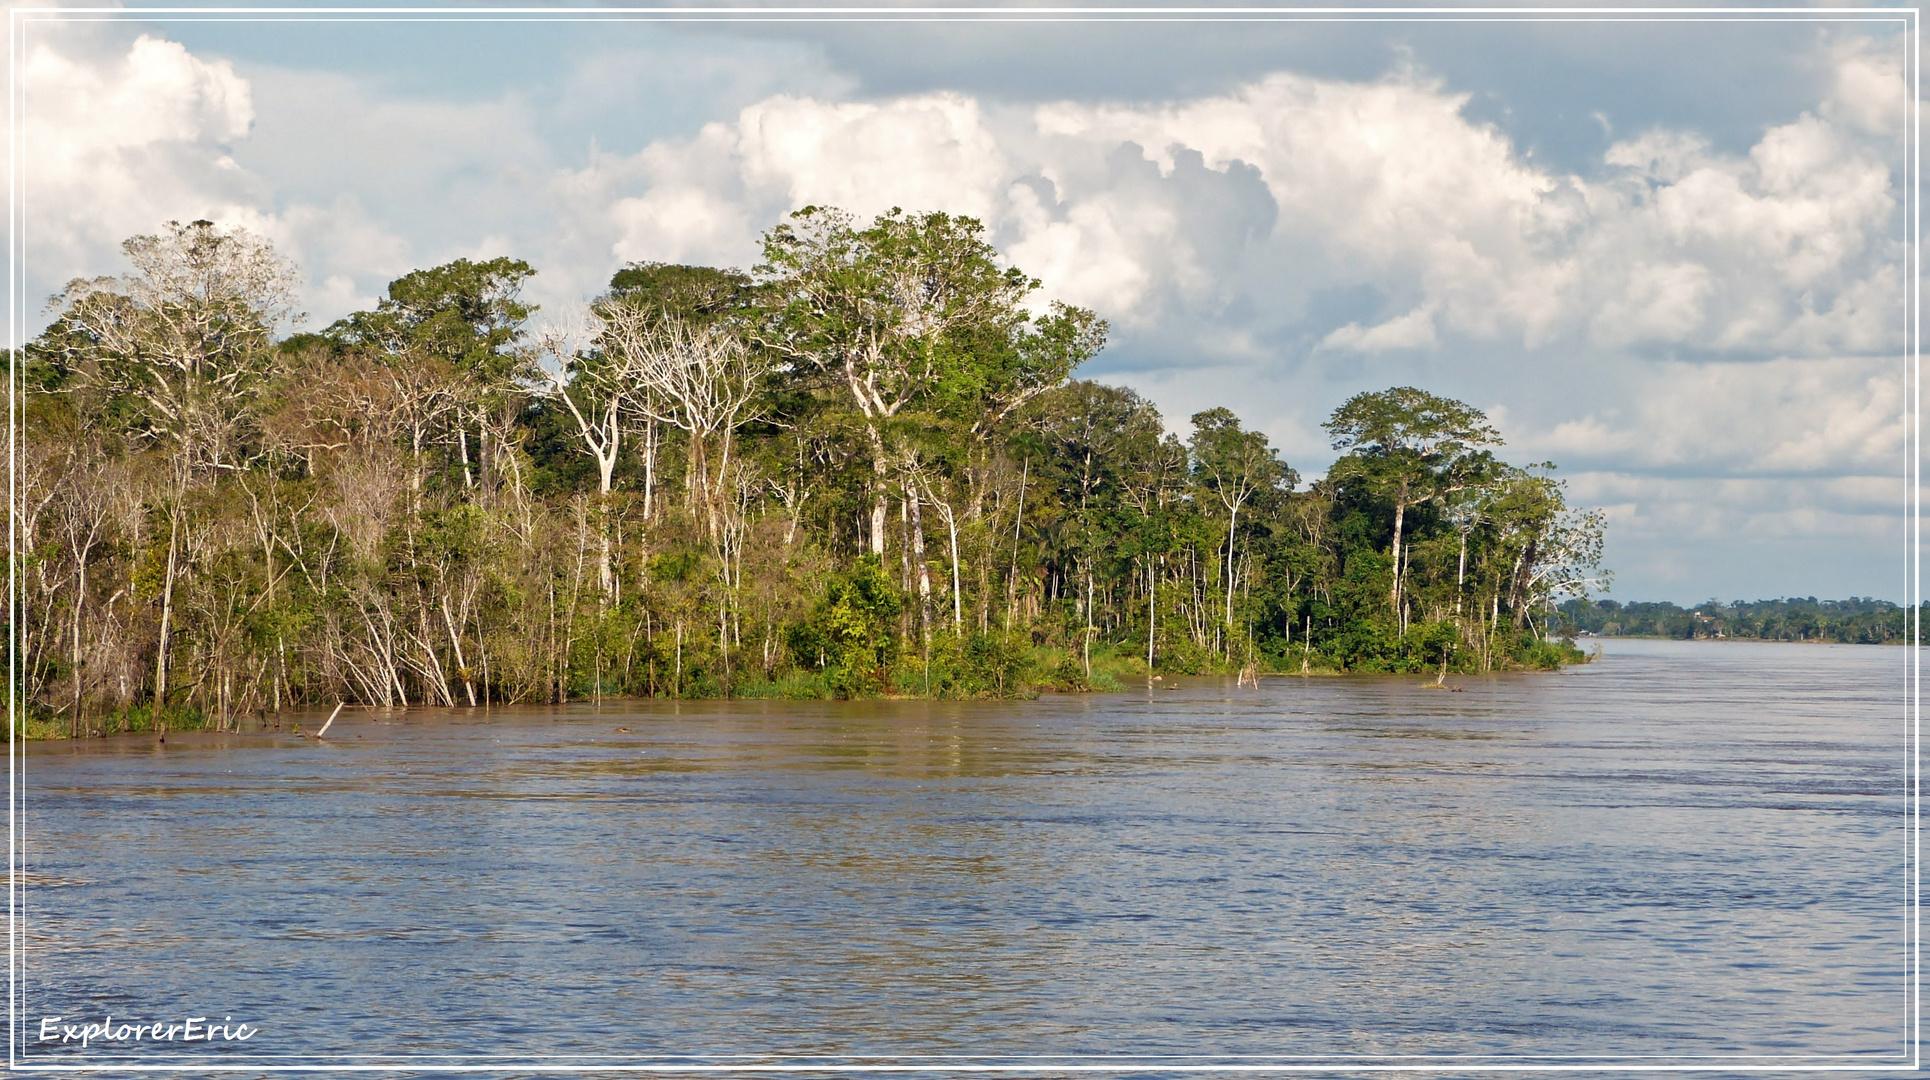 Vegetation am Amazonas-Ufer...............